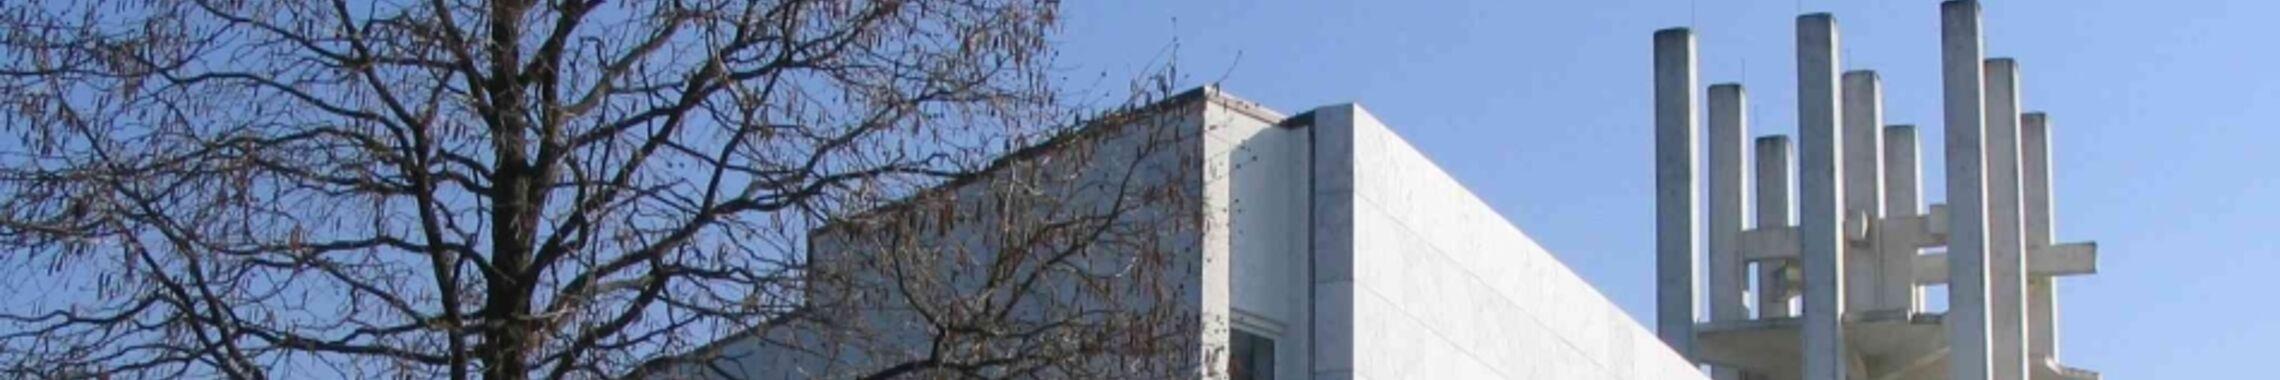 Stephanuskirche Detmerode